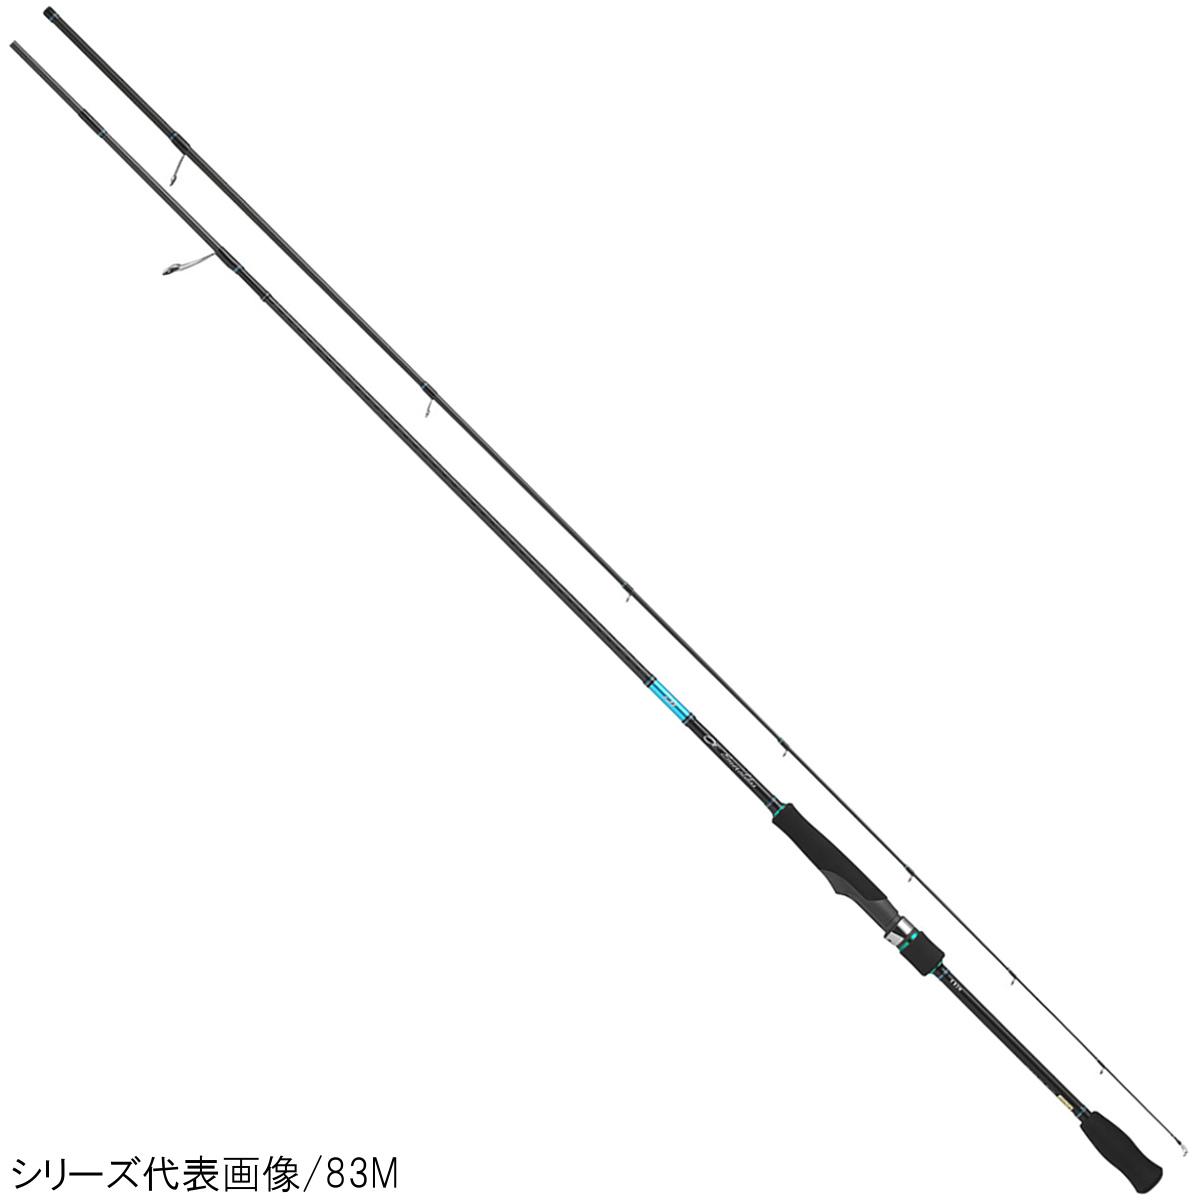 ダイワ エメラルダス X 86M(東日本店)